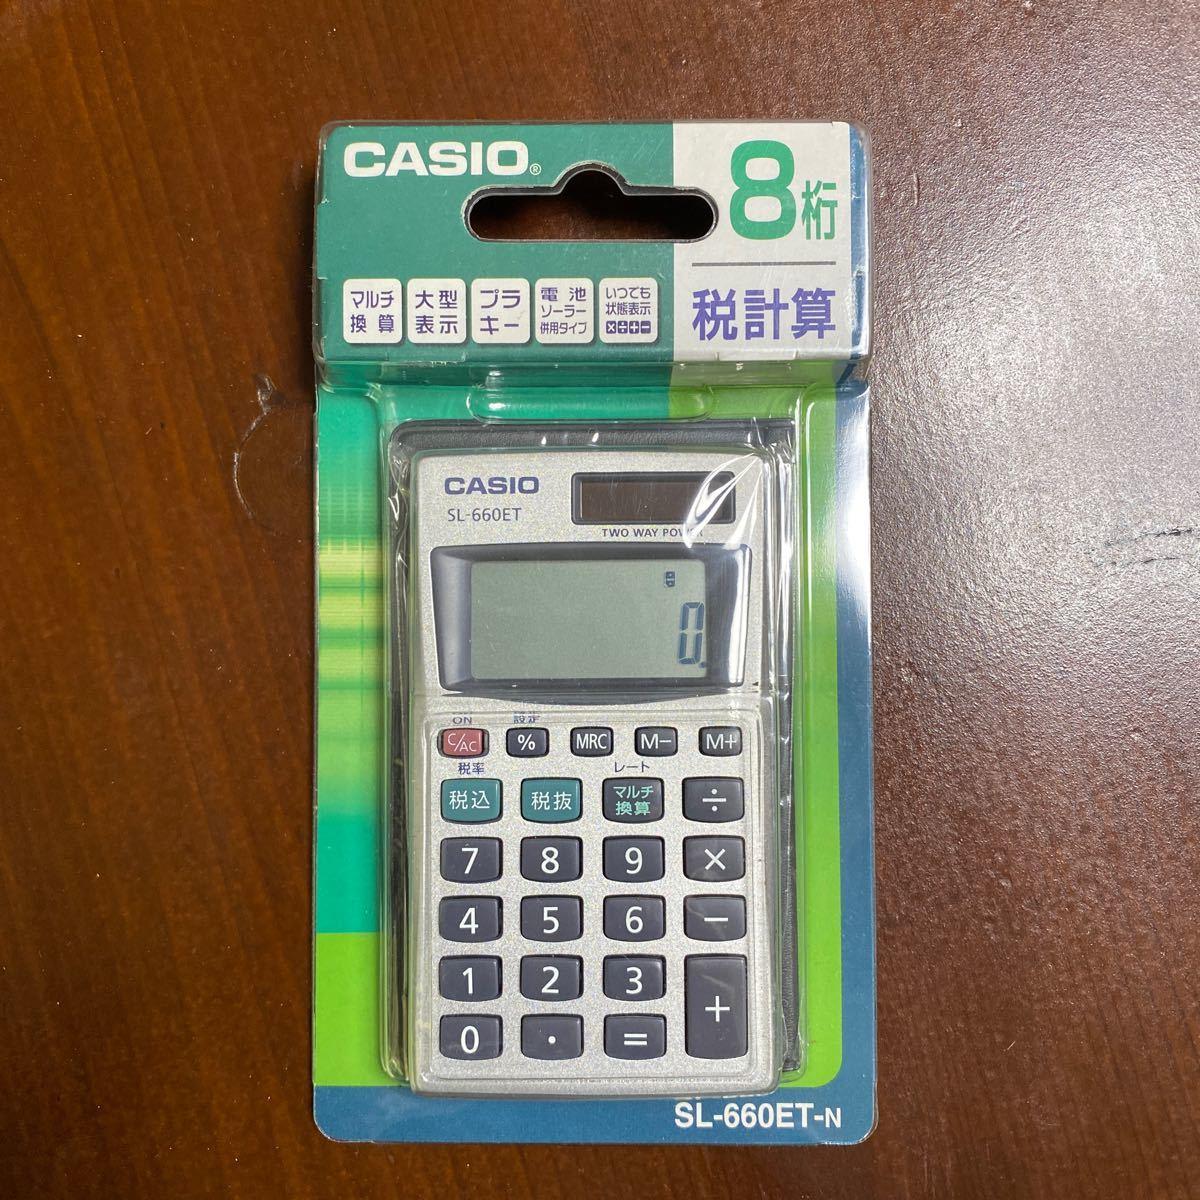 CASIO 電卓 SL-660ET-N